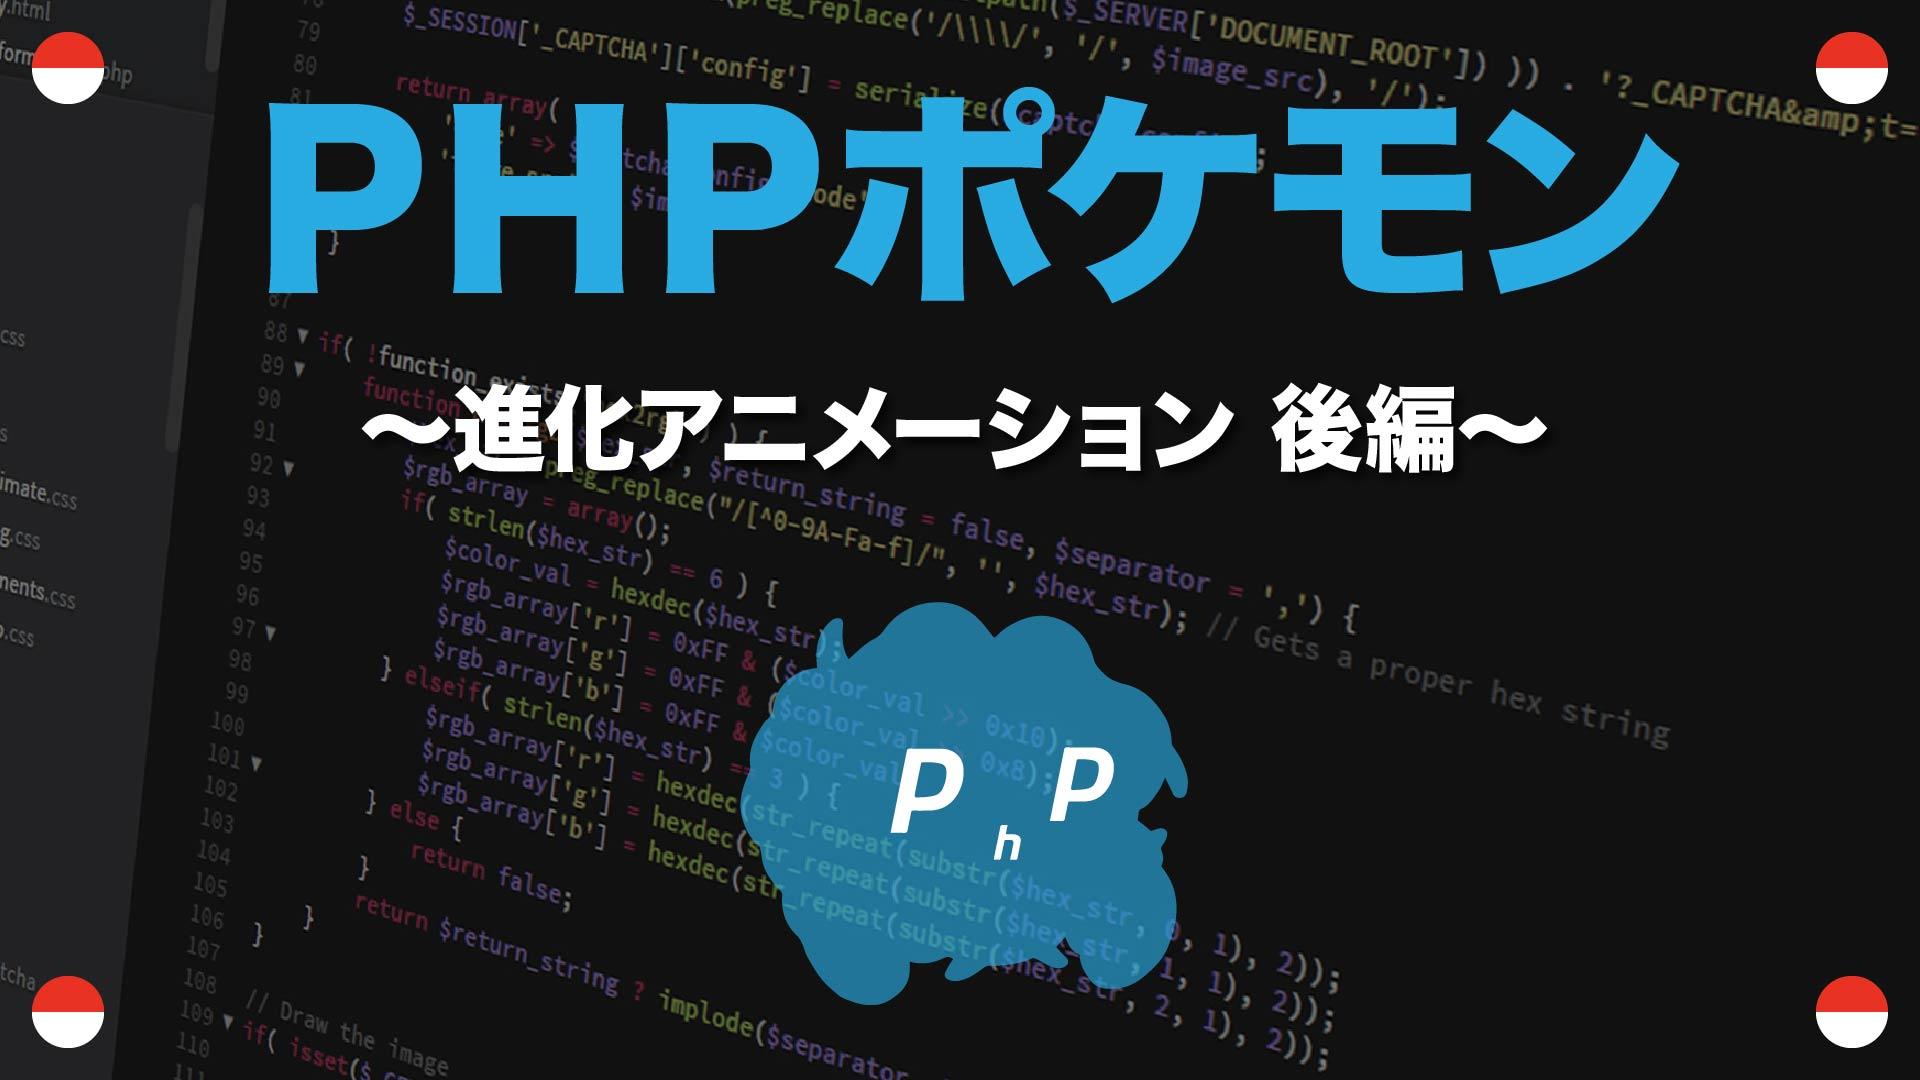 進化アニメーション 後編 PHPポケモン 60